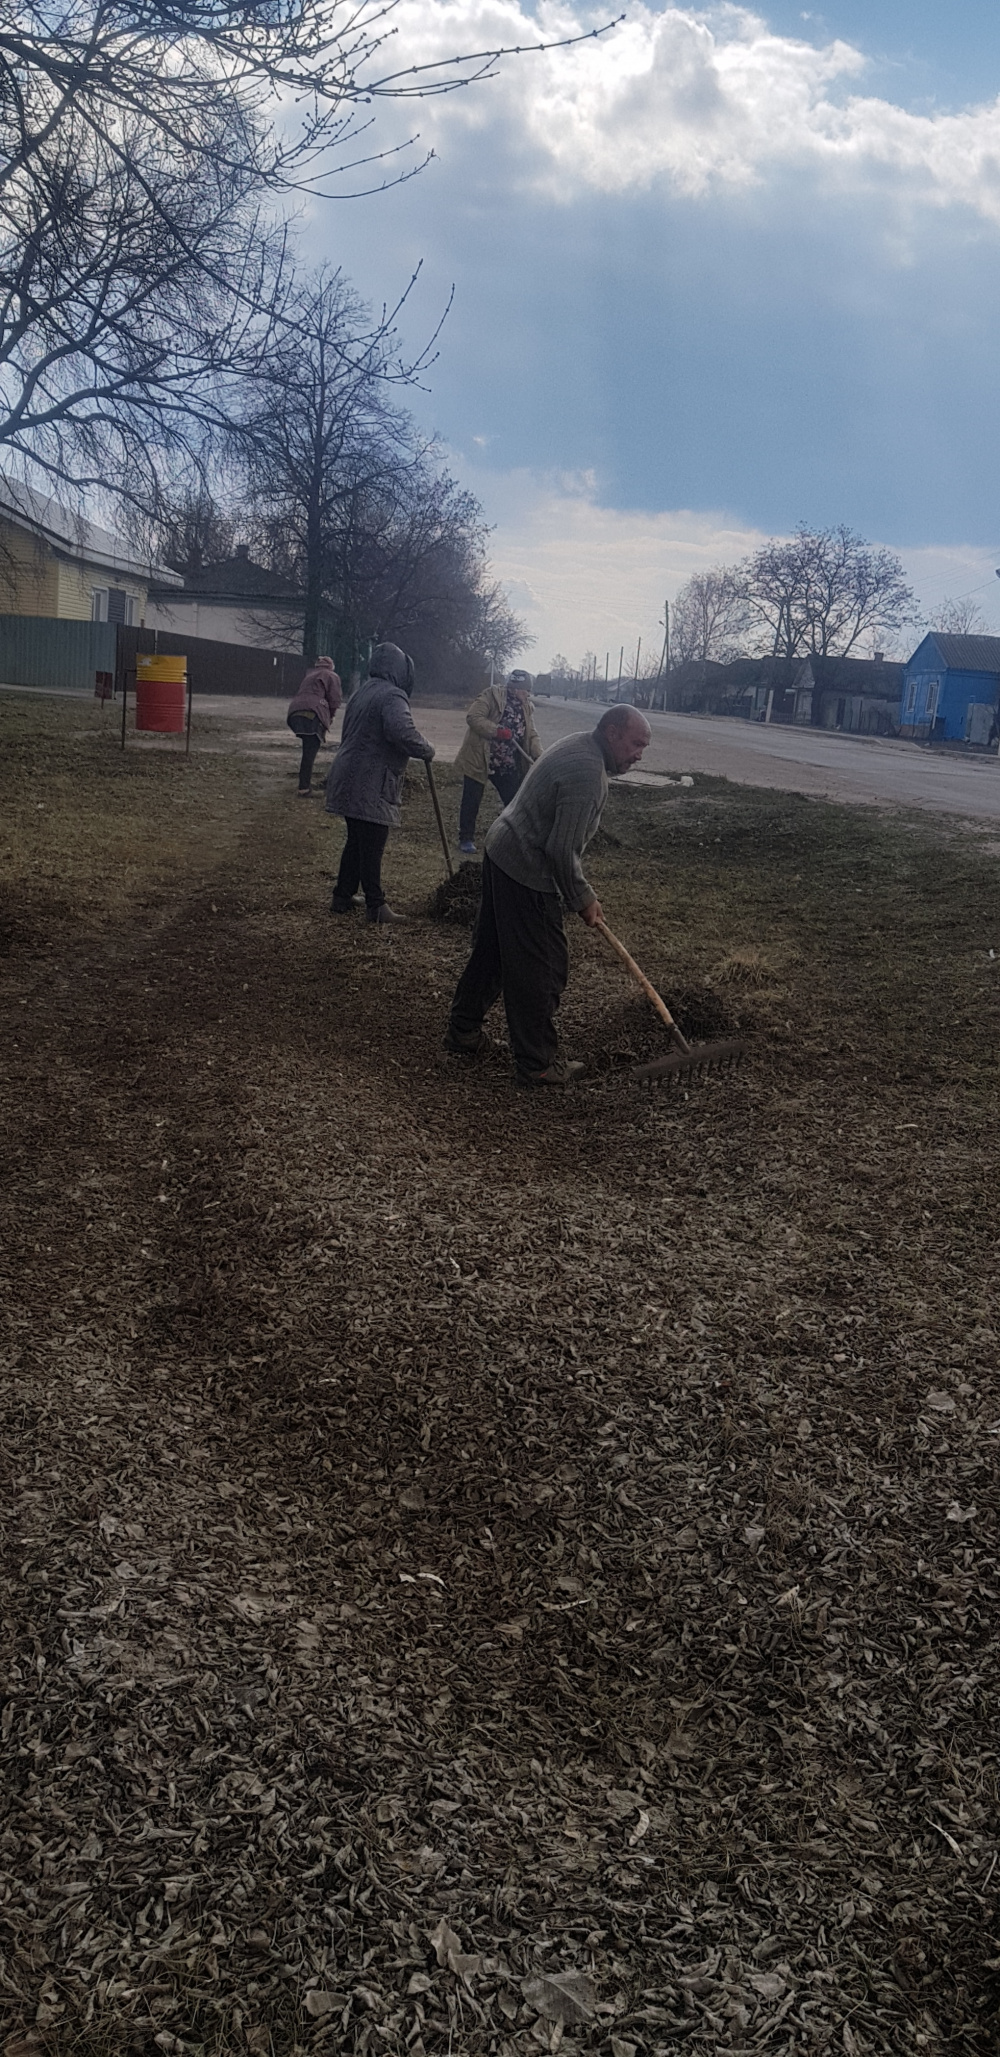 c 05 апреля на территории Пыховского селського  поселения проходят субботники по наведению порядка вокруг зданий  и  уборка несанкционированных свалок .